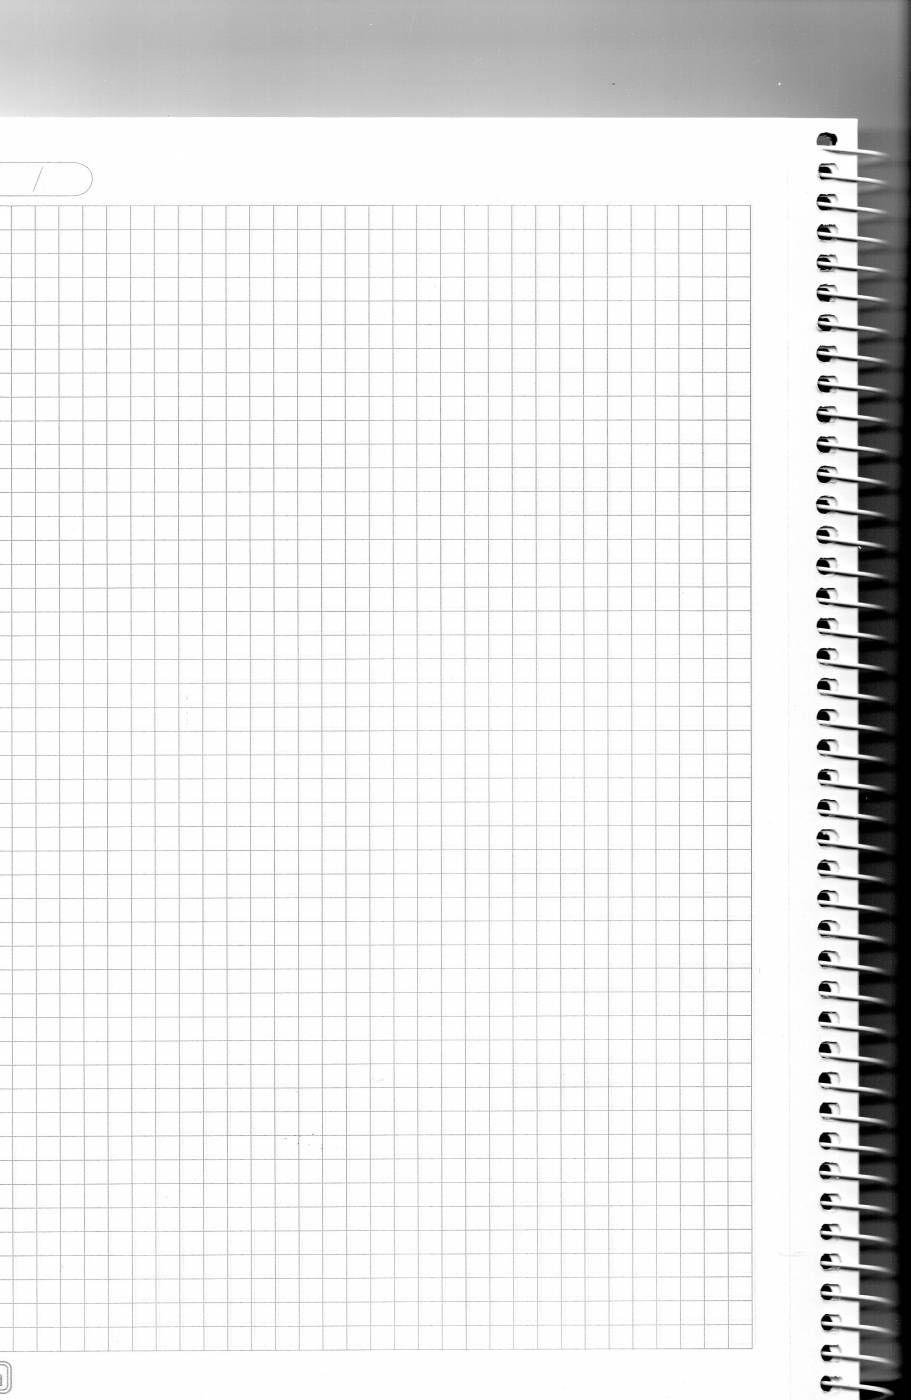 Caderno Lunix Tilibra Quadriculado 5 mm x 5 mm Vermelho